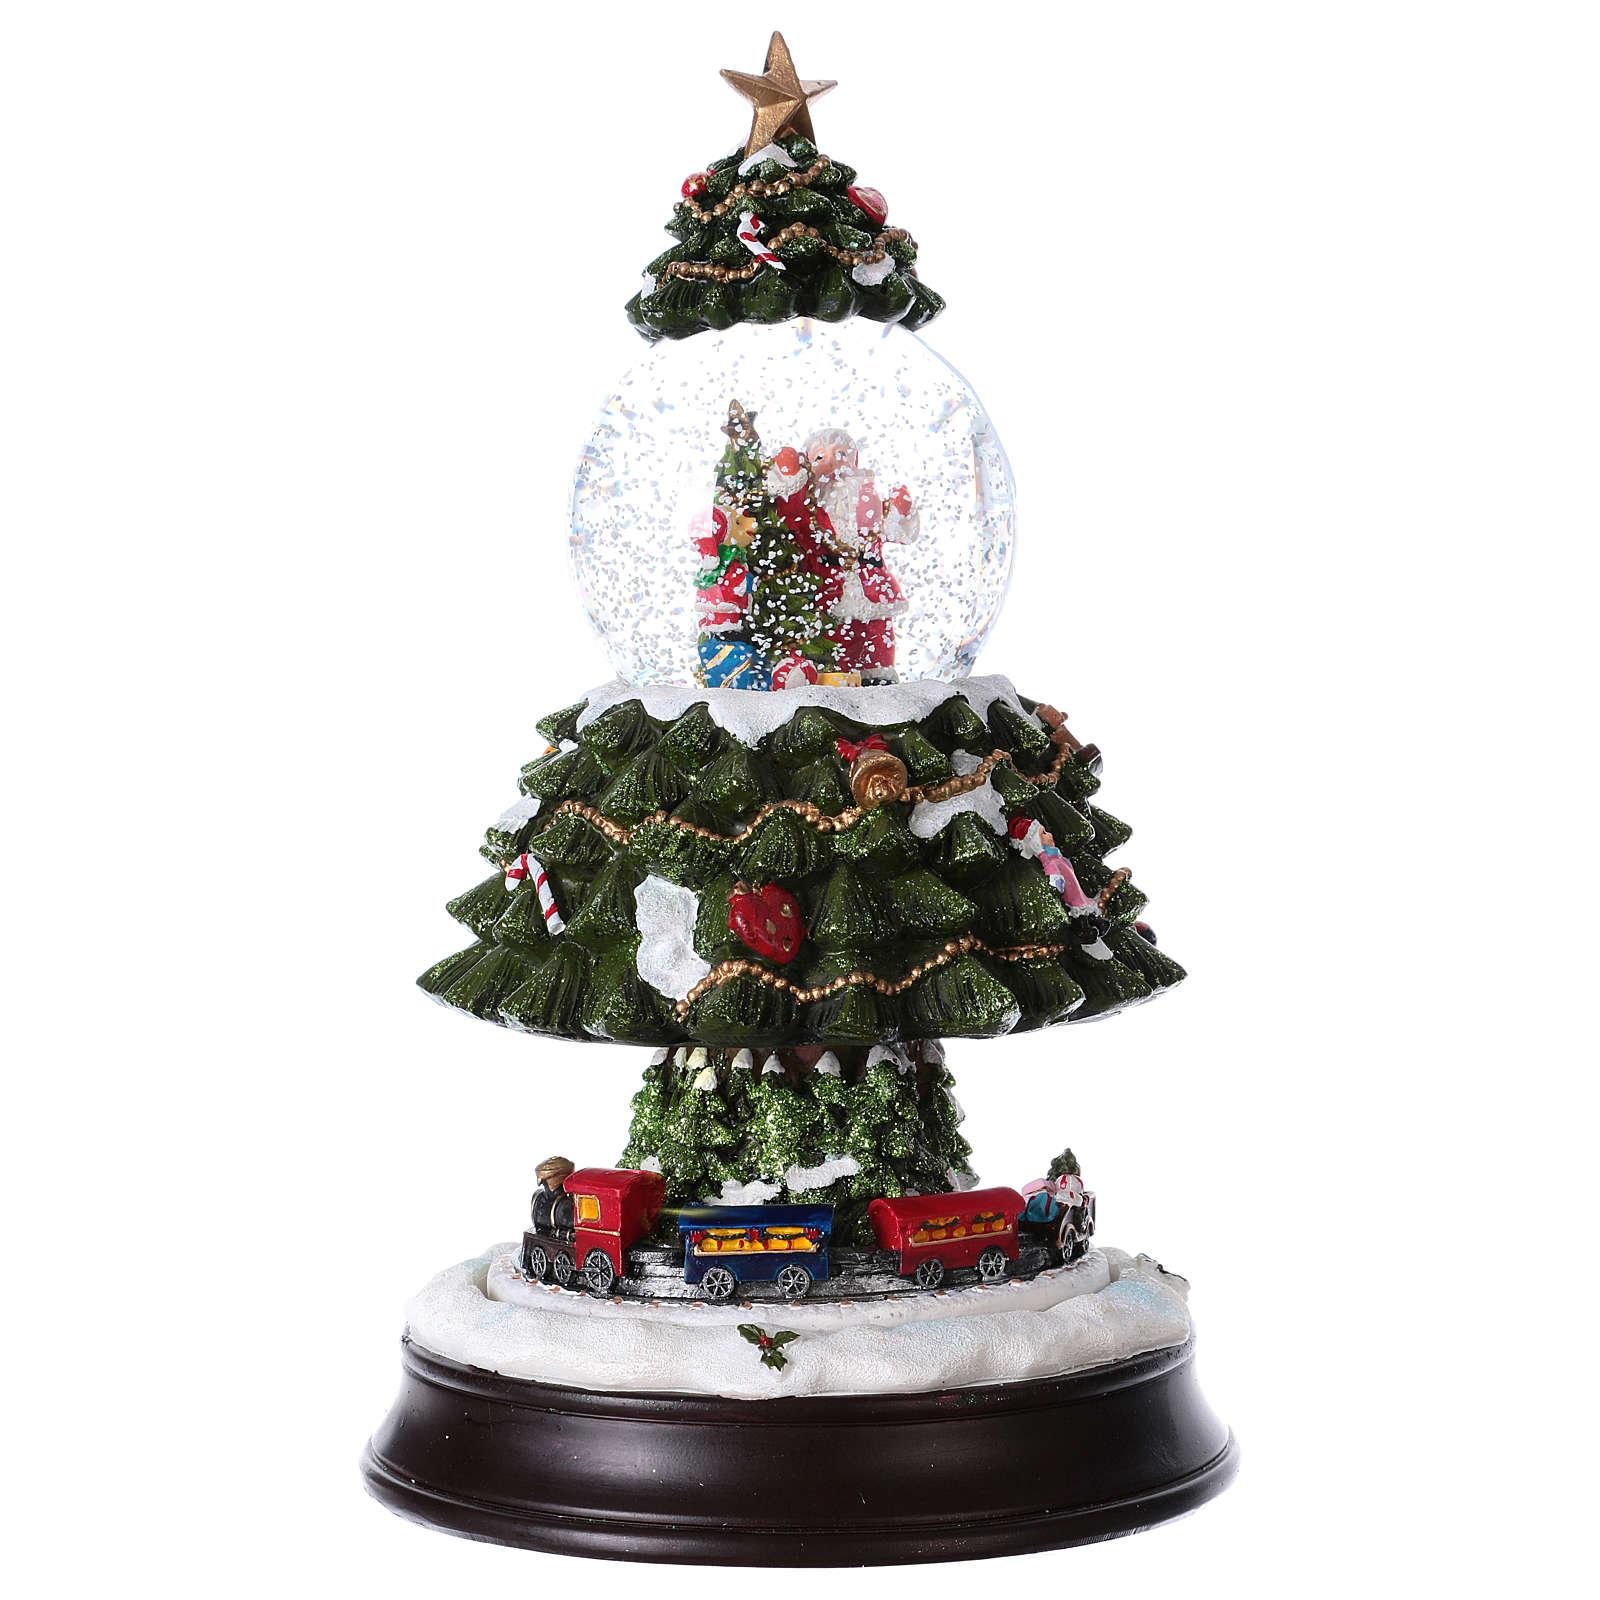 Bola de Nieve en vidrio Árbol de Navidad con Tren en Movimiento y Música 28 cm 3